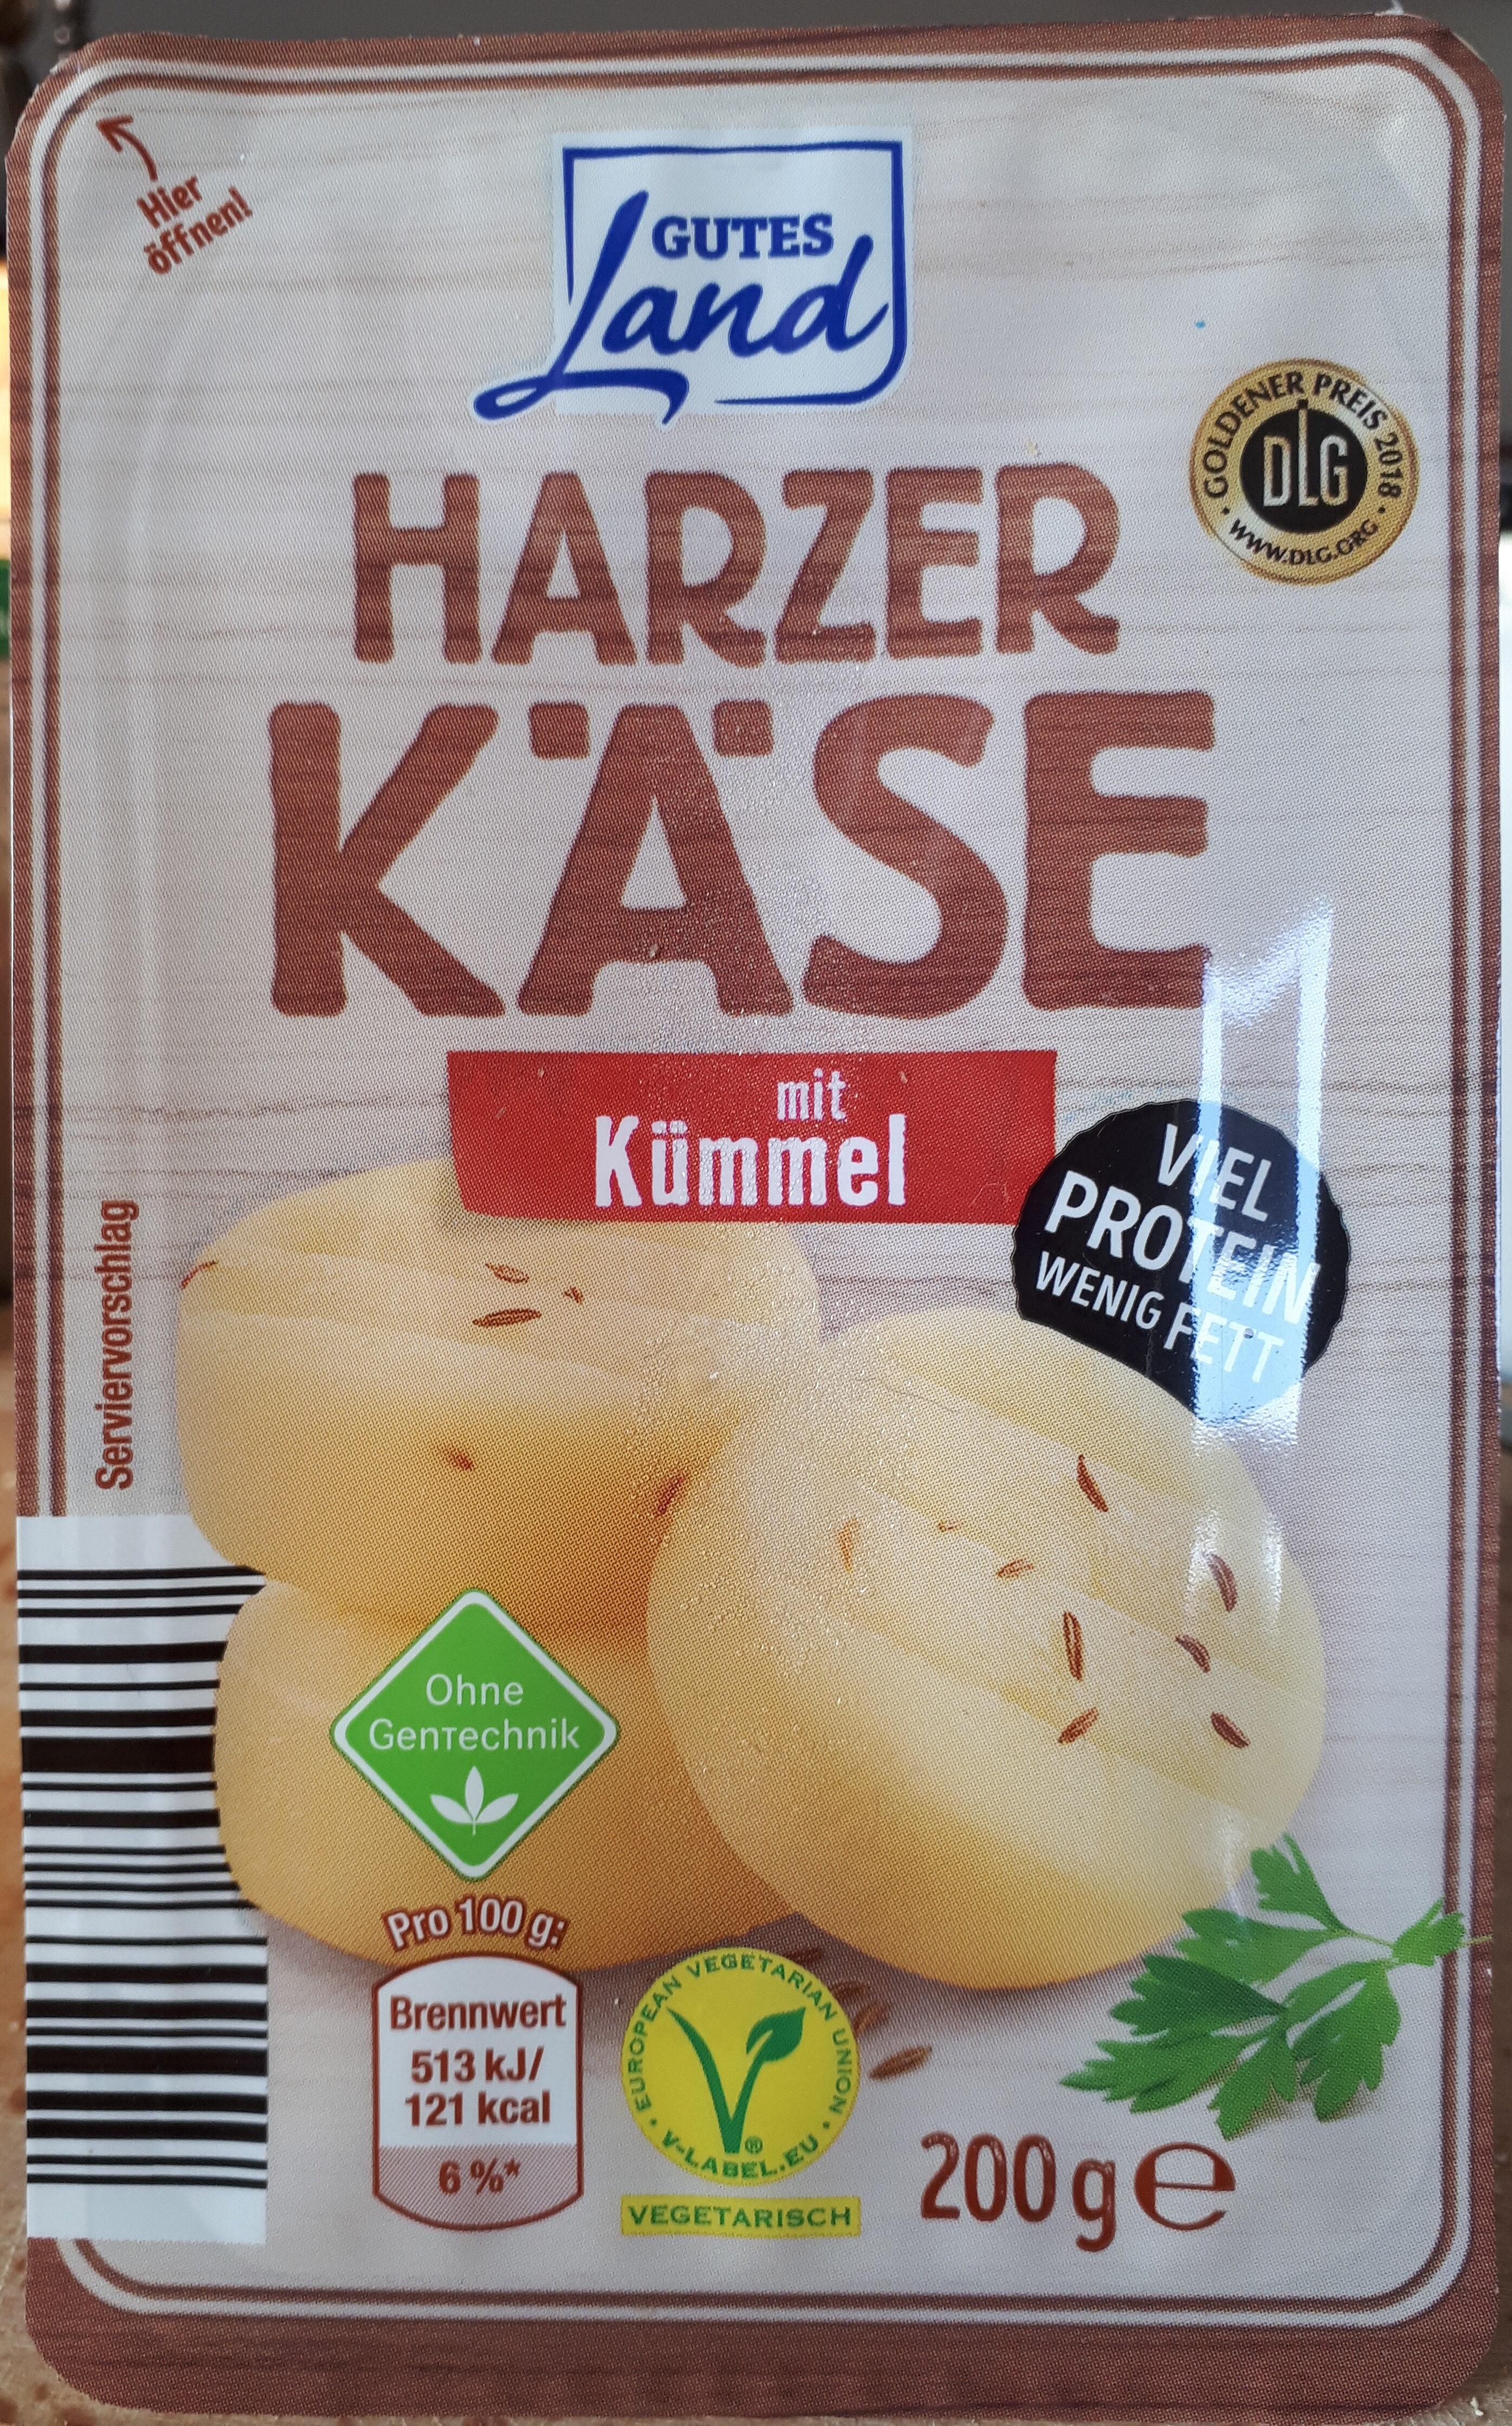 Harzer Käse mit Kümmel - Product - de